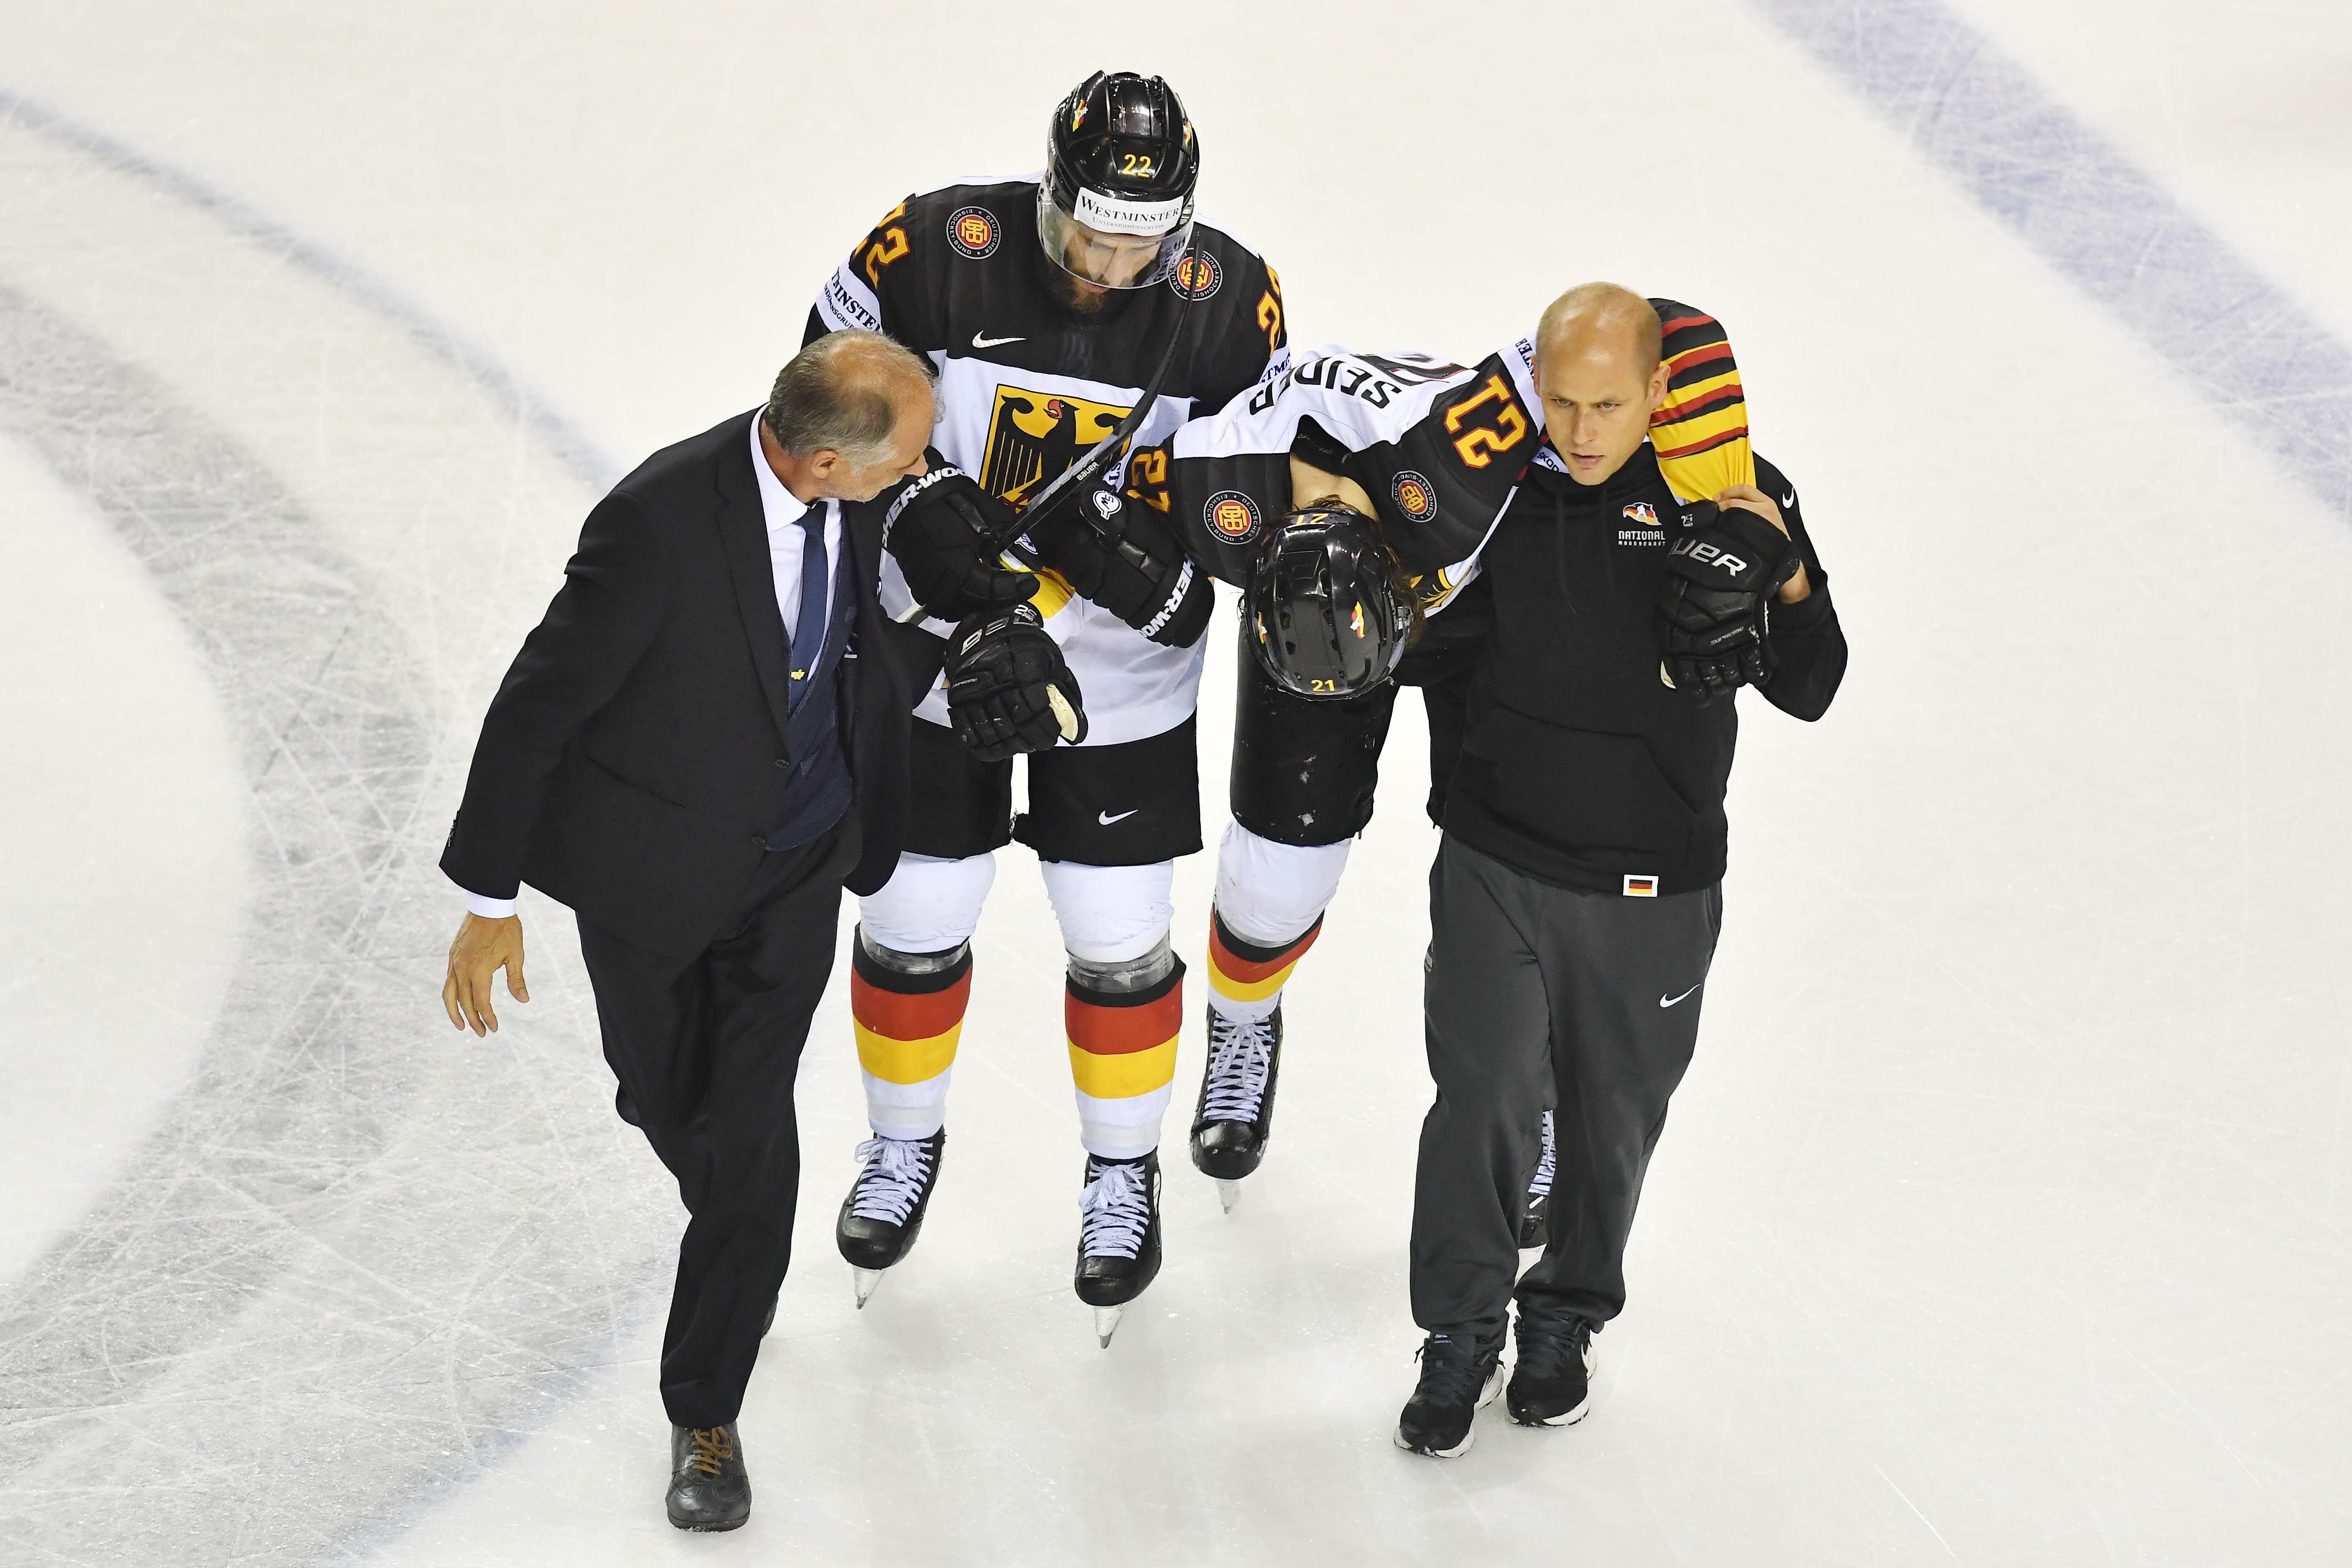 Nur mit Hilfe konnte Moritz Seider das Eis verlassen.